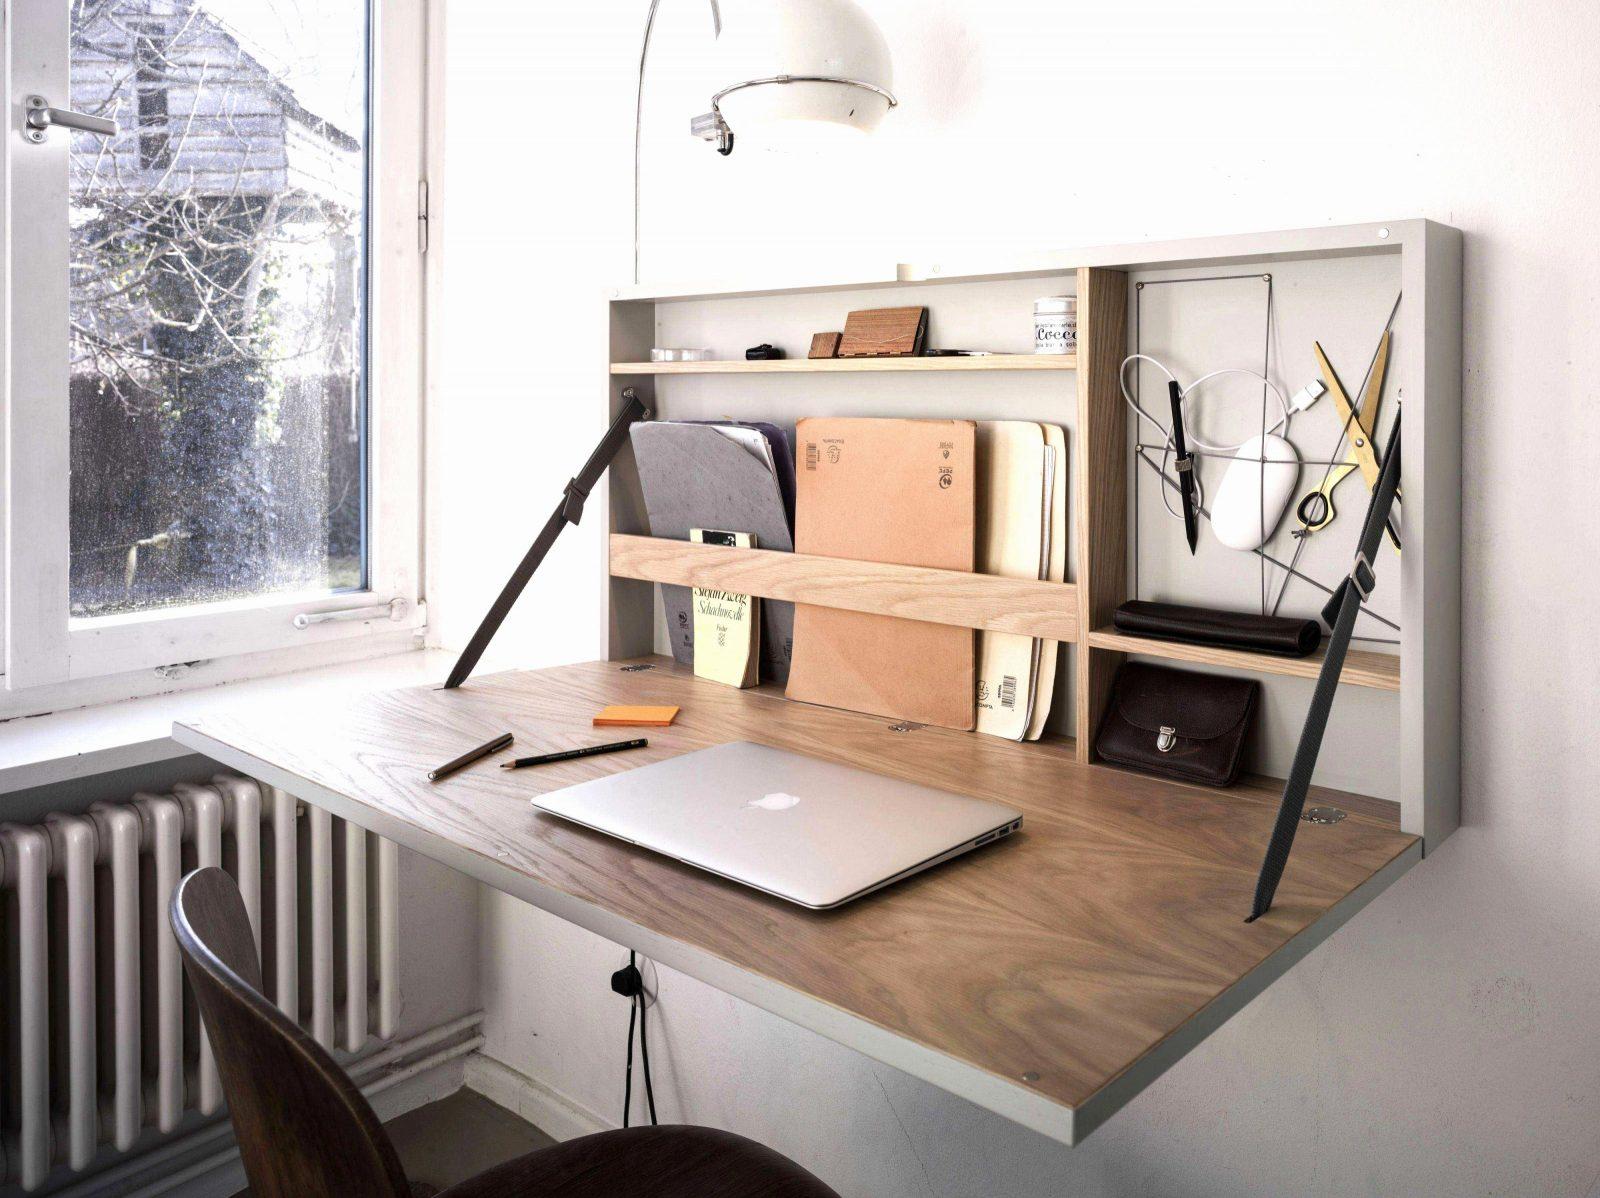 Raumteiler Ideen Selbermachen Beispiele Ausgefallene Ideen Zur von Ausgefallene Ideen Zur Raumabtrennung Photo